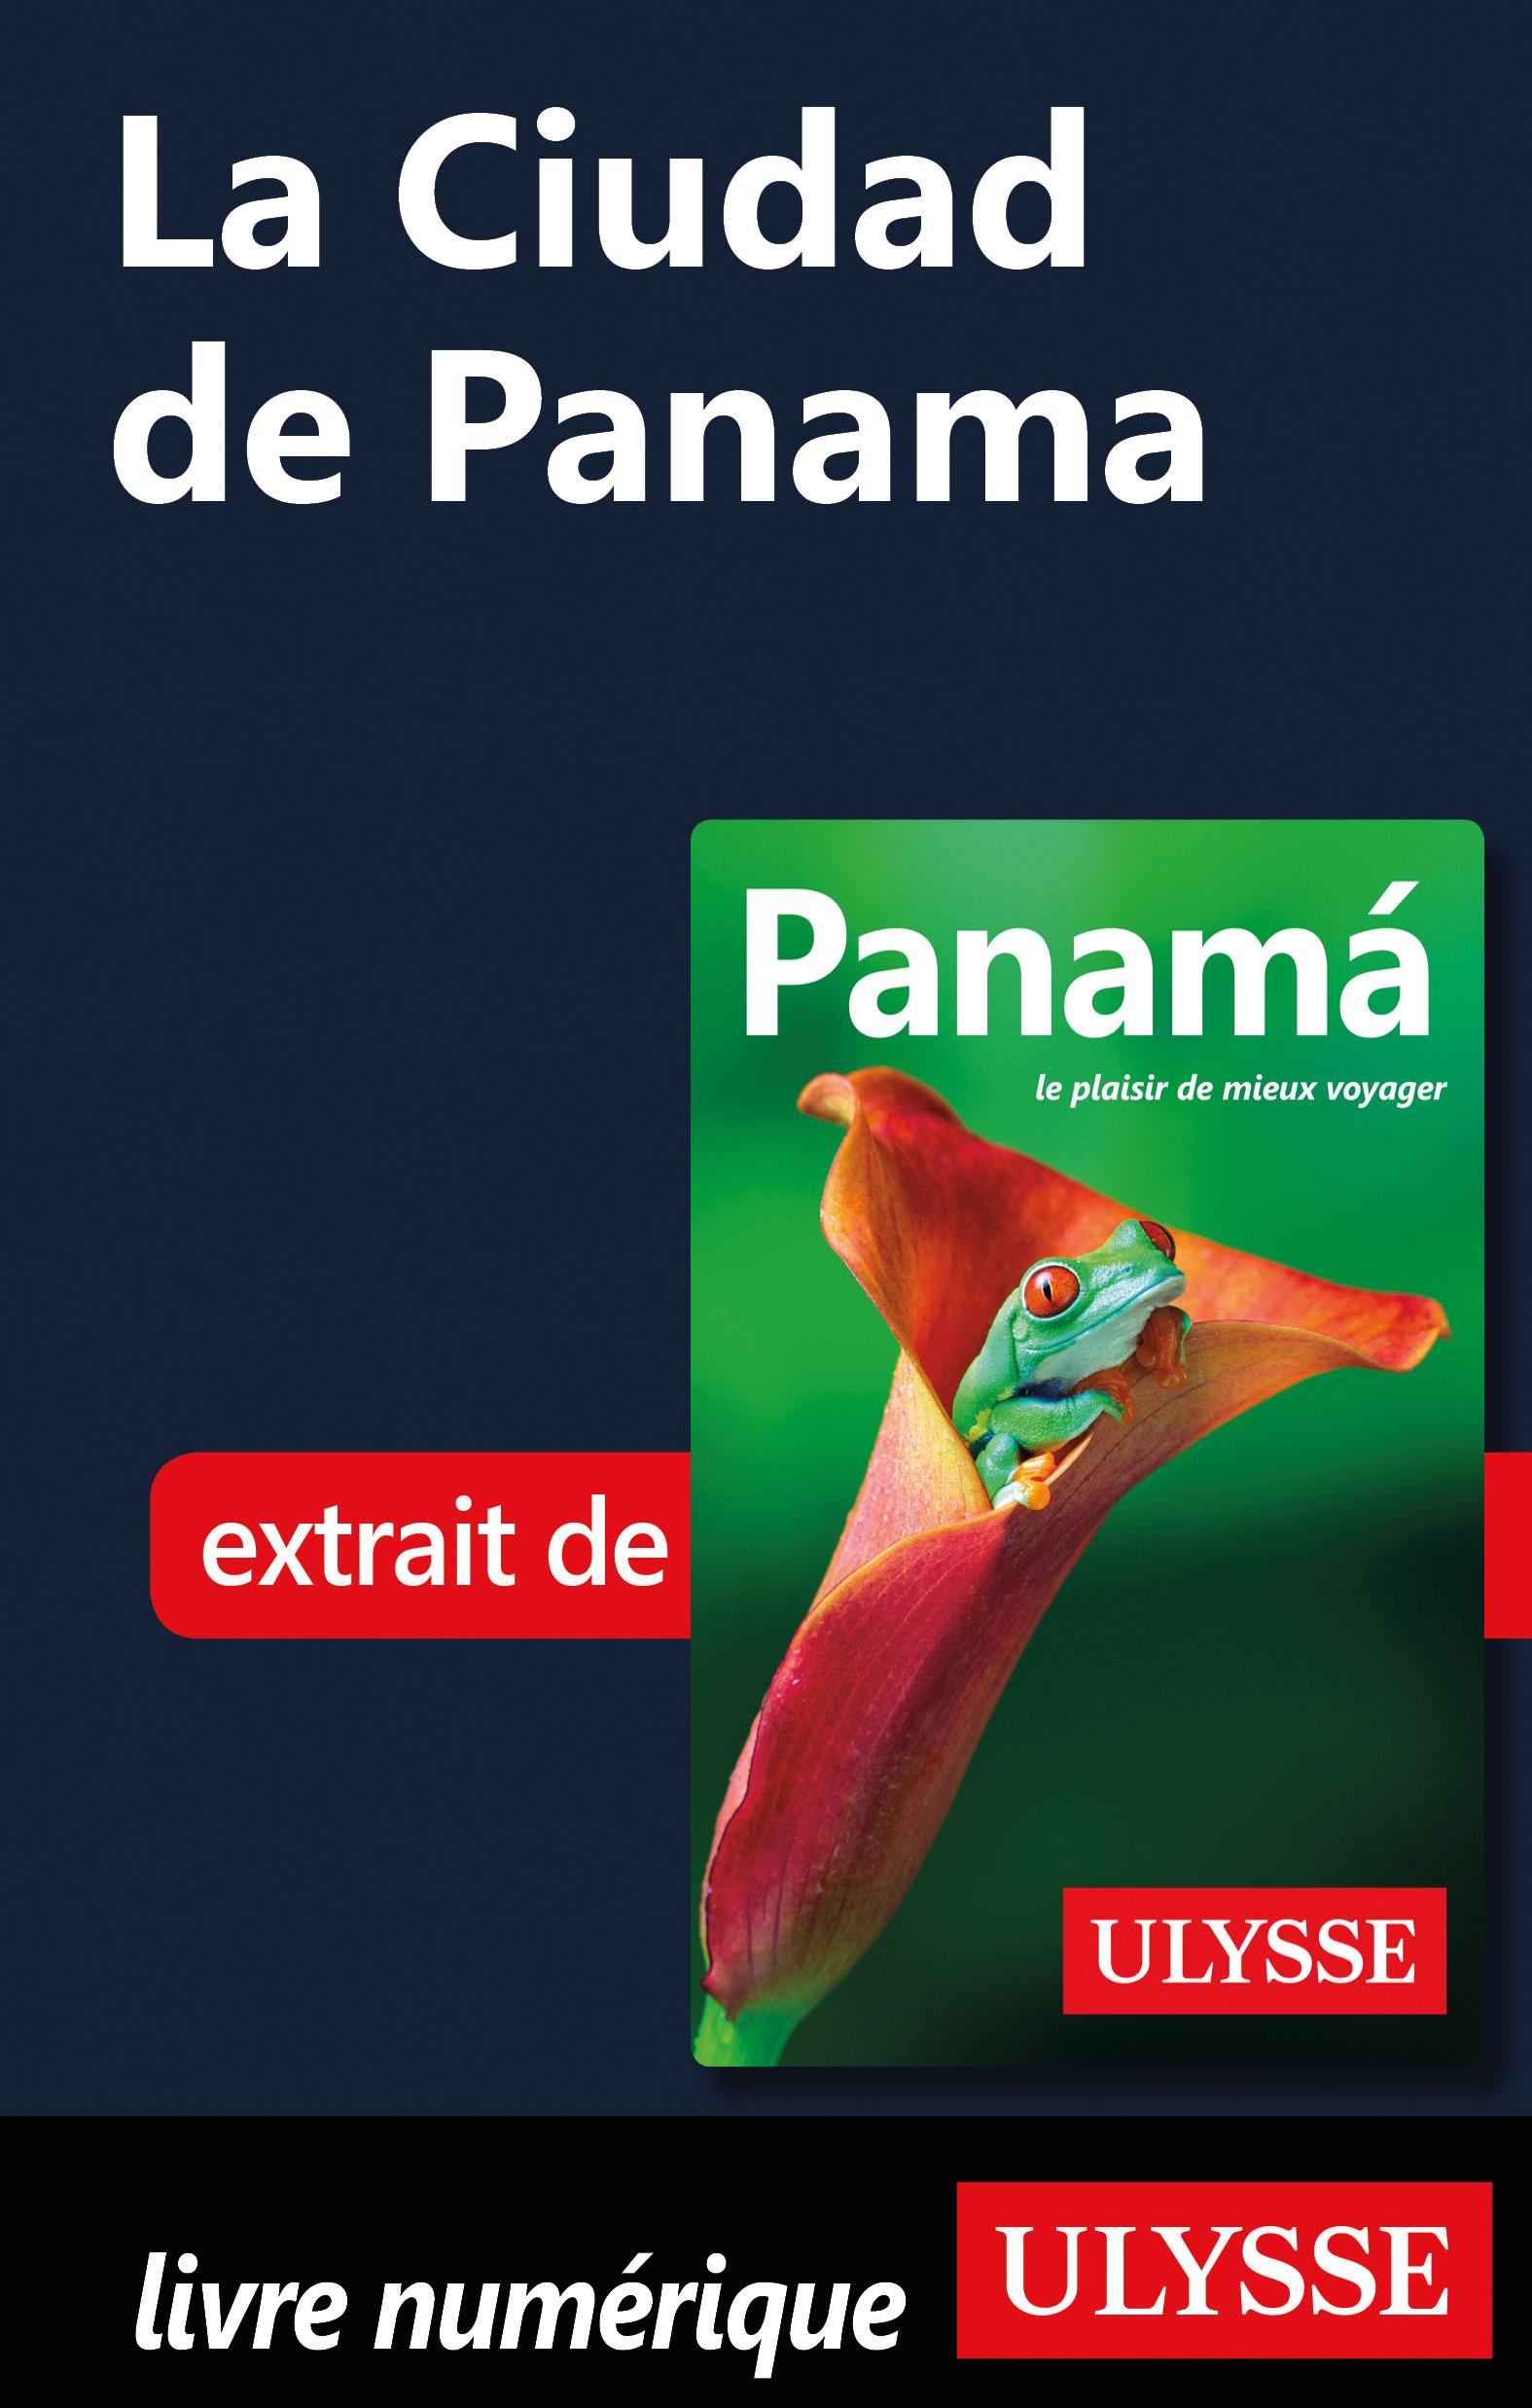 La Ciudad de Panama